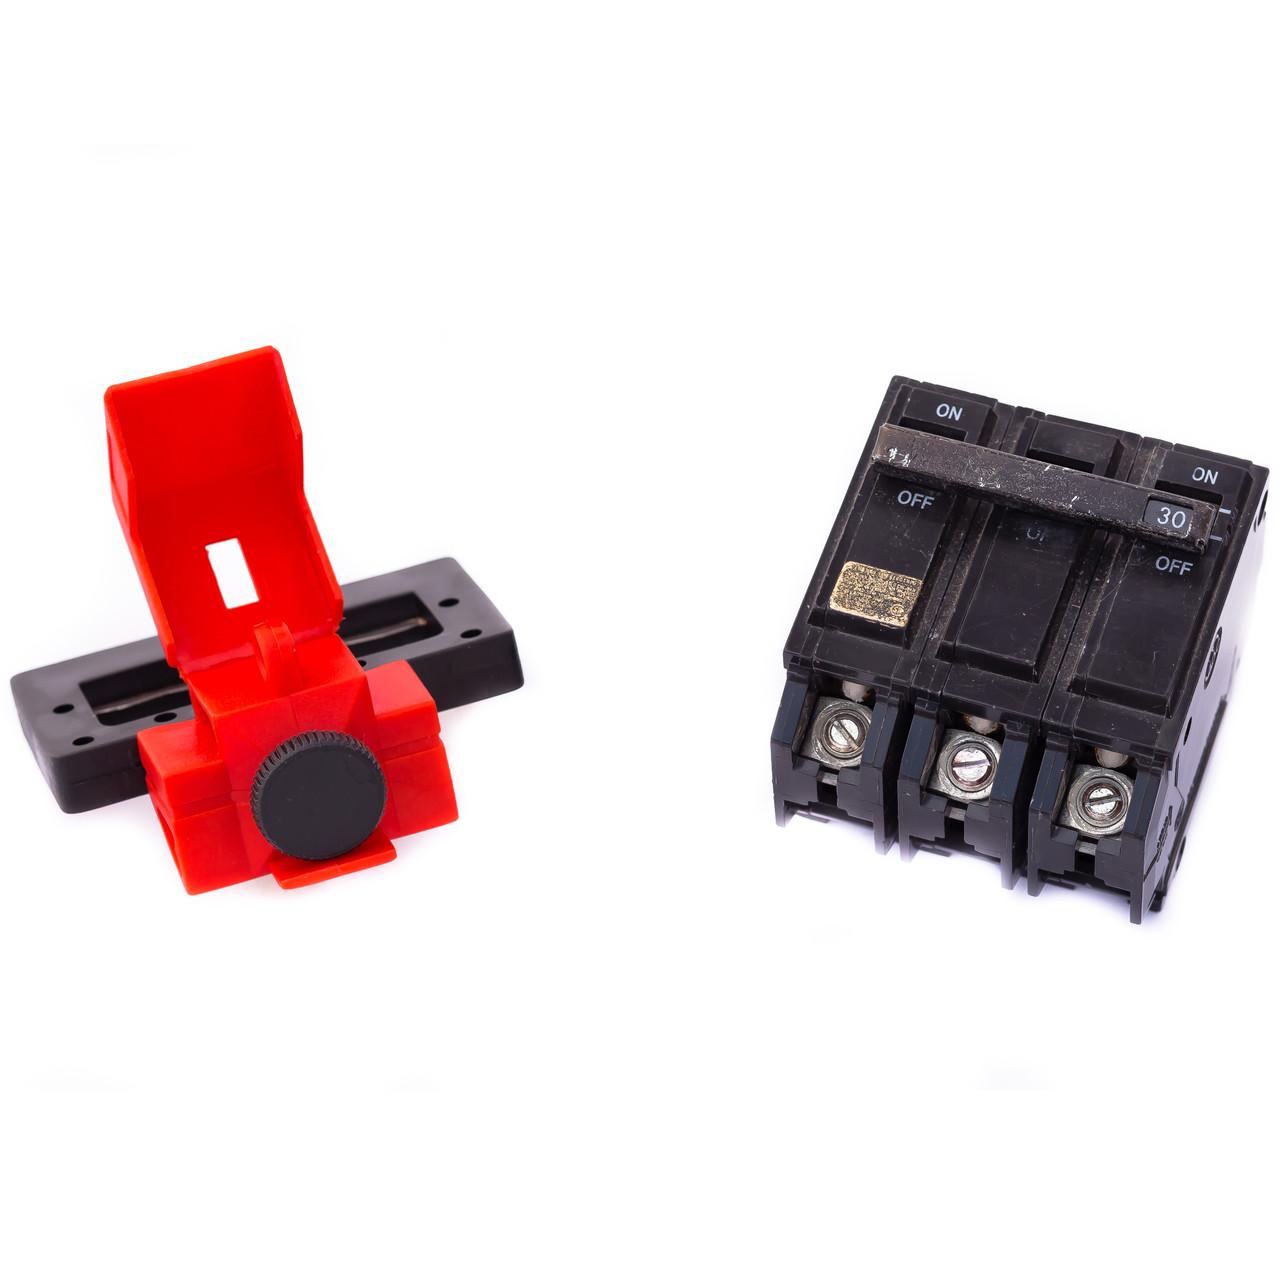 480/600V Breaker Lockout, 2 1/4 x 7/8 IN